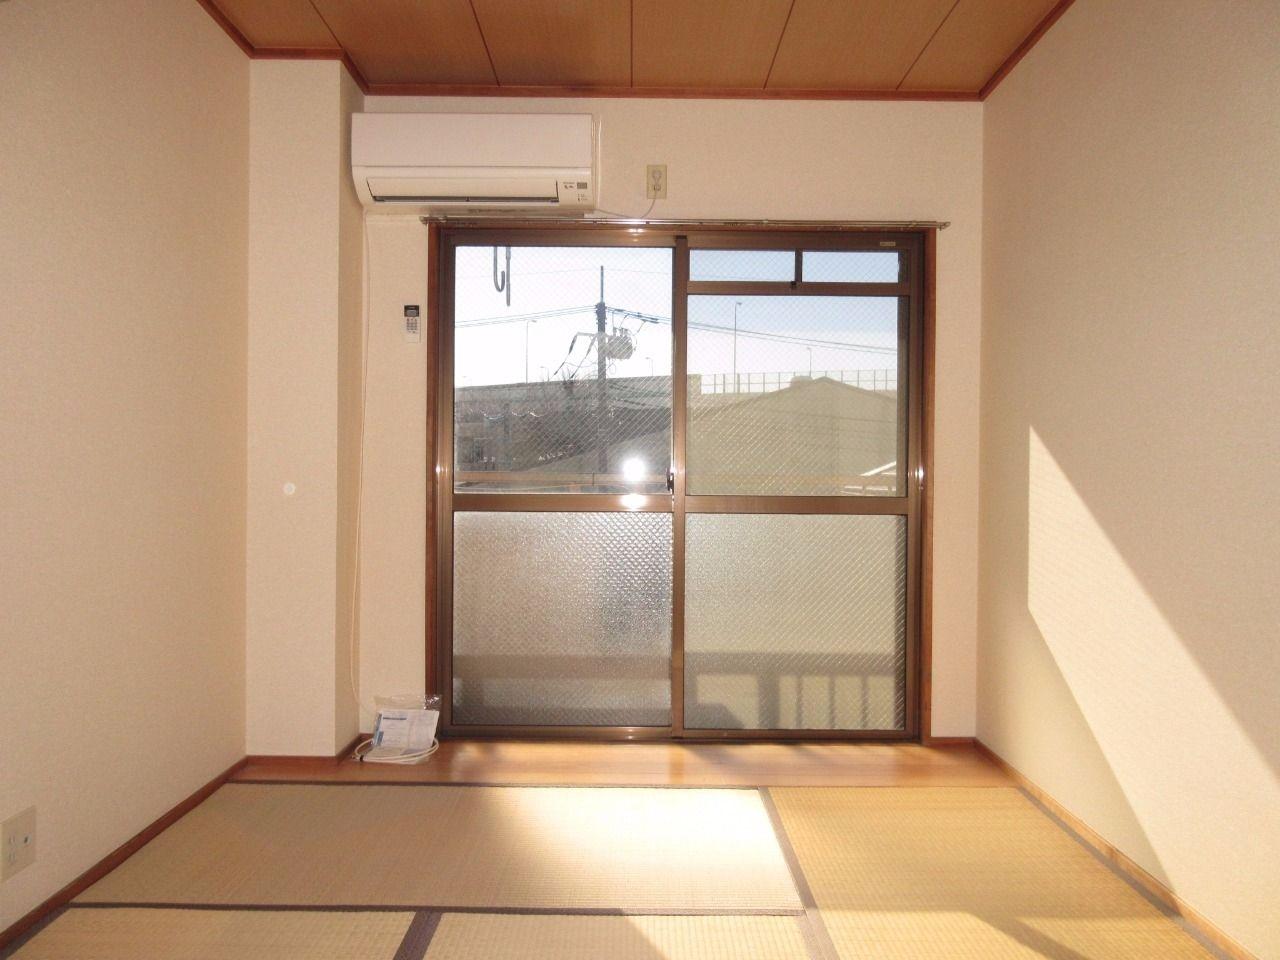 2面採光で明るく気持ちの良い和室です